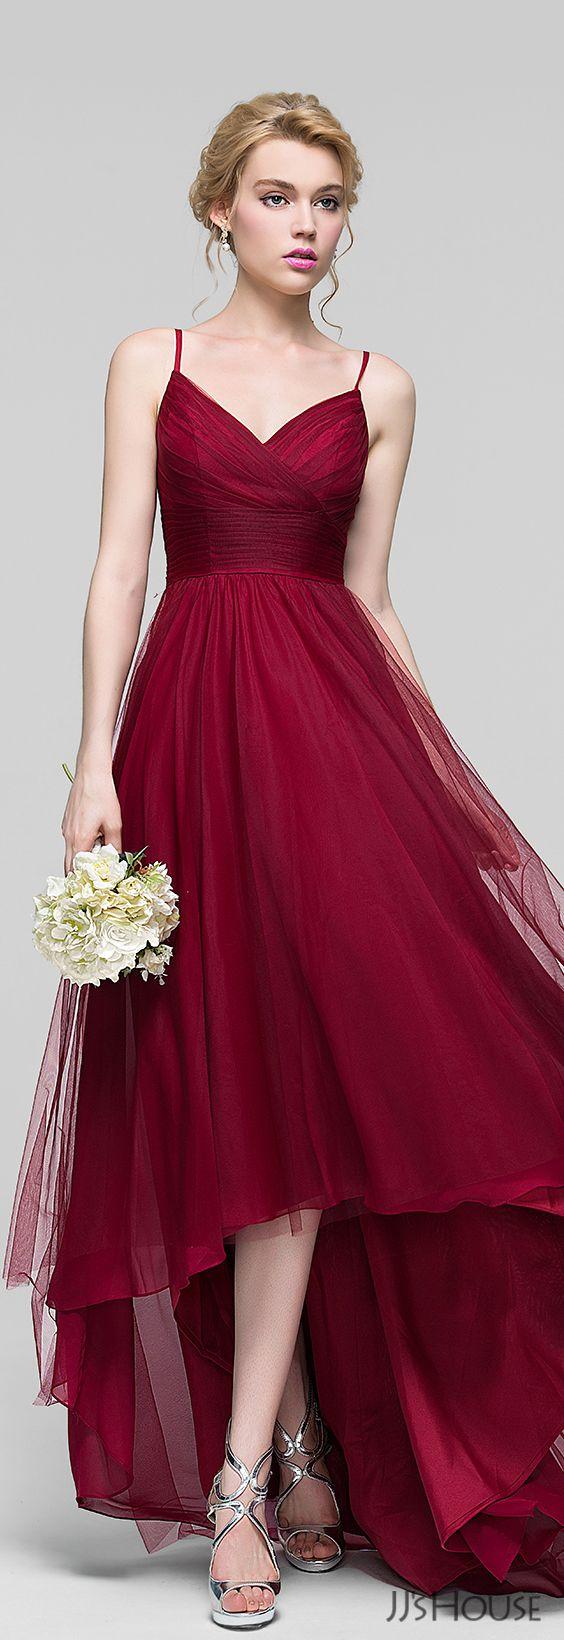 Alta costura vermelho red dress formatura casamento lux glamour fashion fashionista 2017 Summer verão luxo fest festa glamoroso